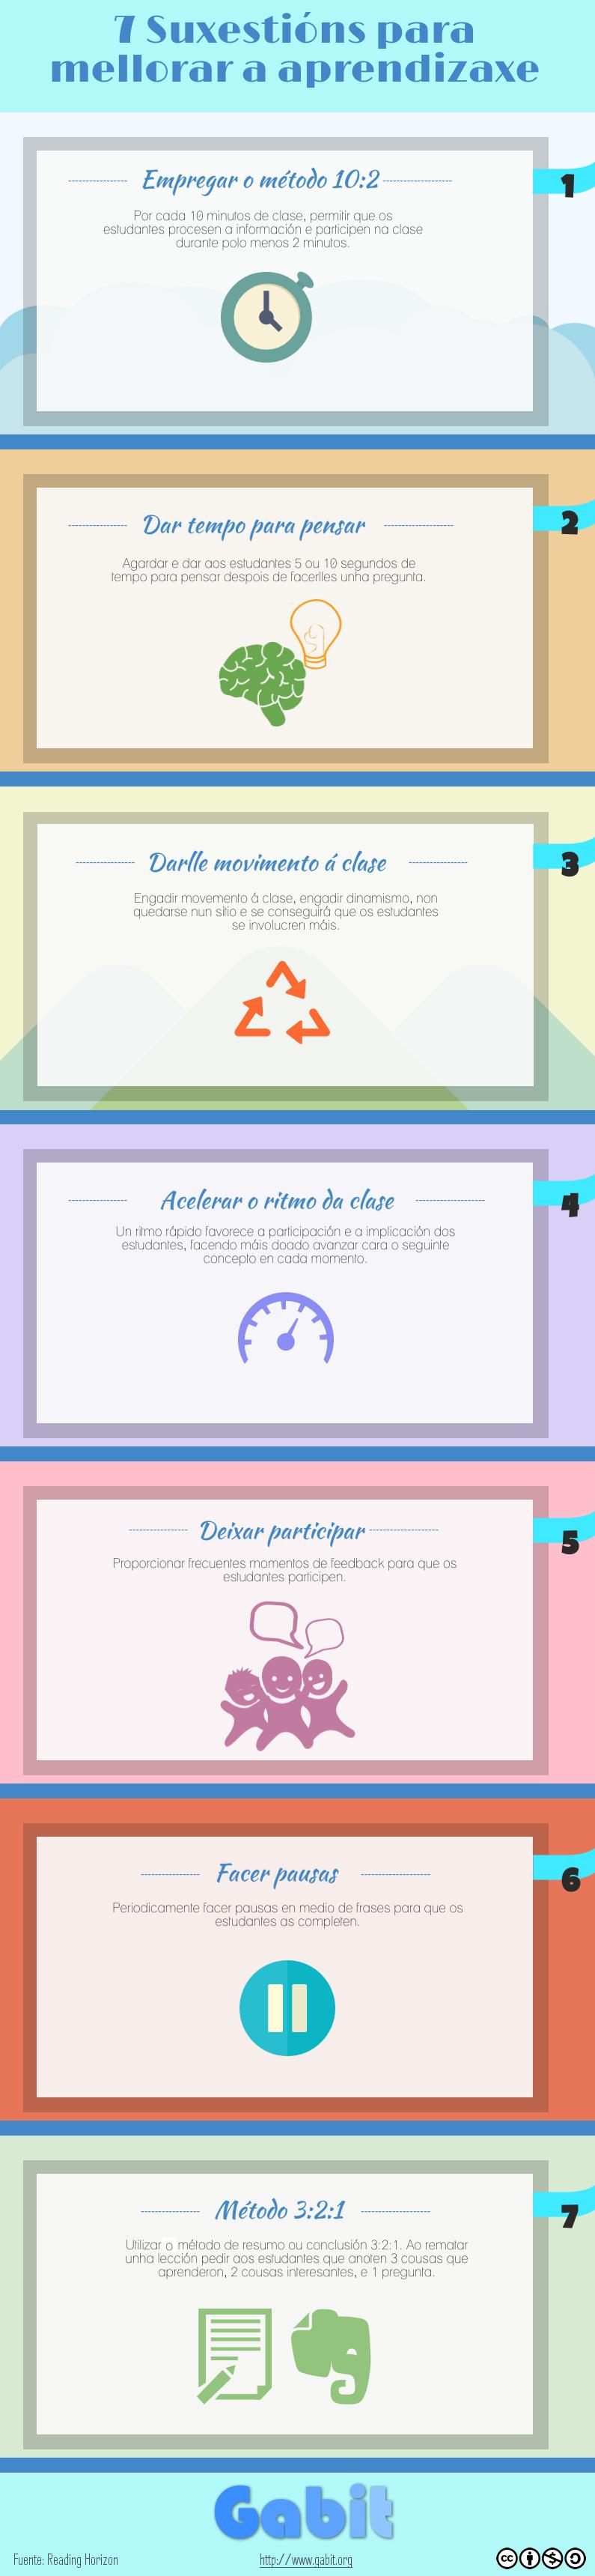 Infografía con 7 suxestións para mellorar a aprendizaxe